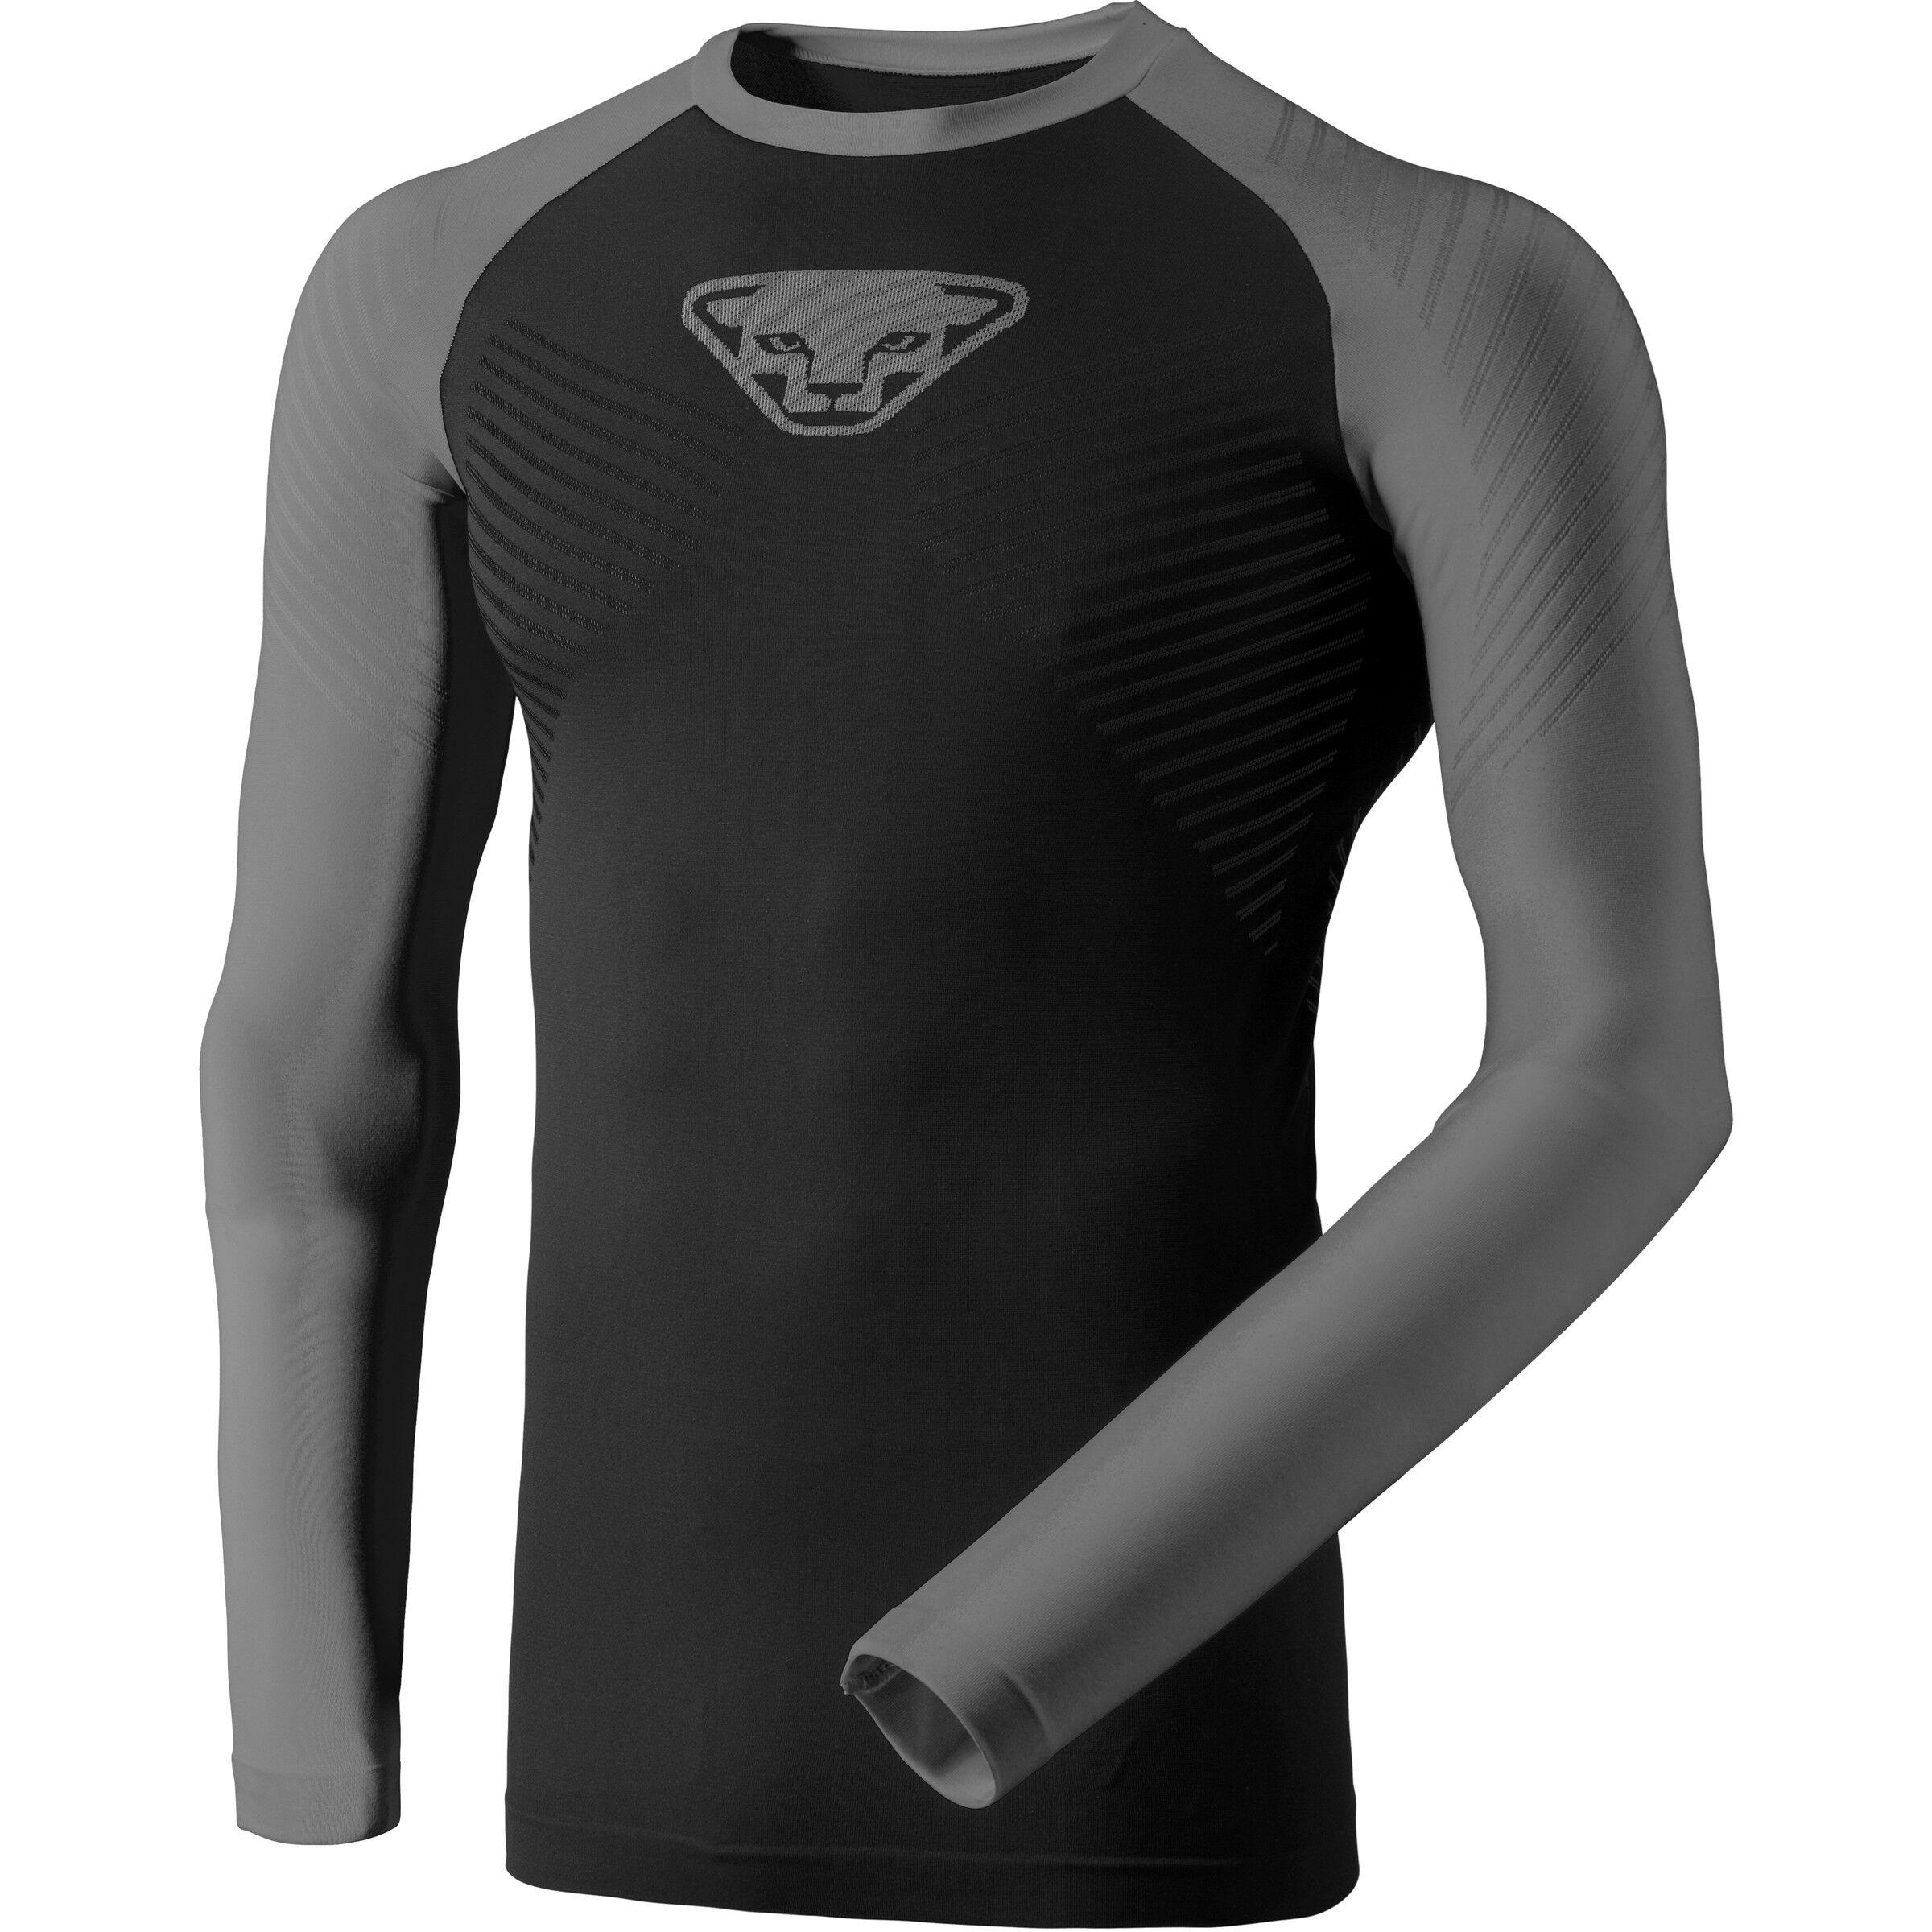 Laufshirt, Lauftrikot, Running Shirt günstig kaufen |